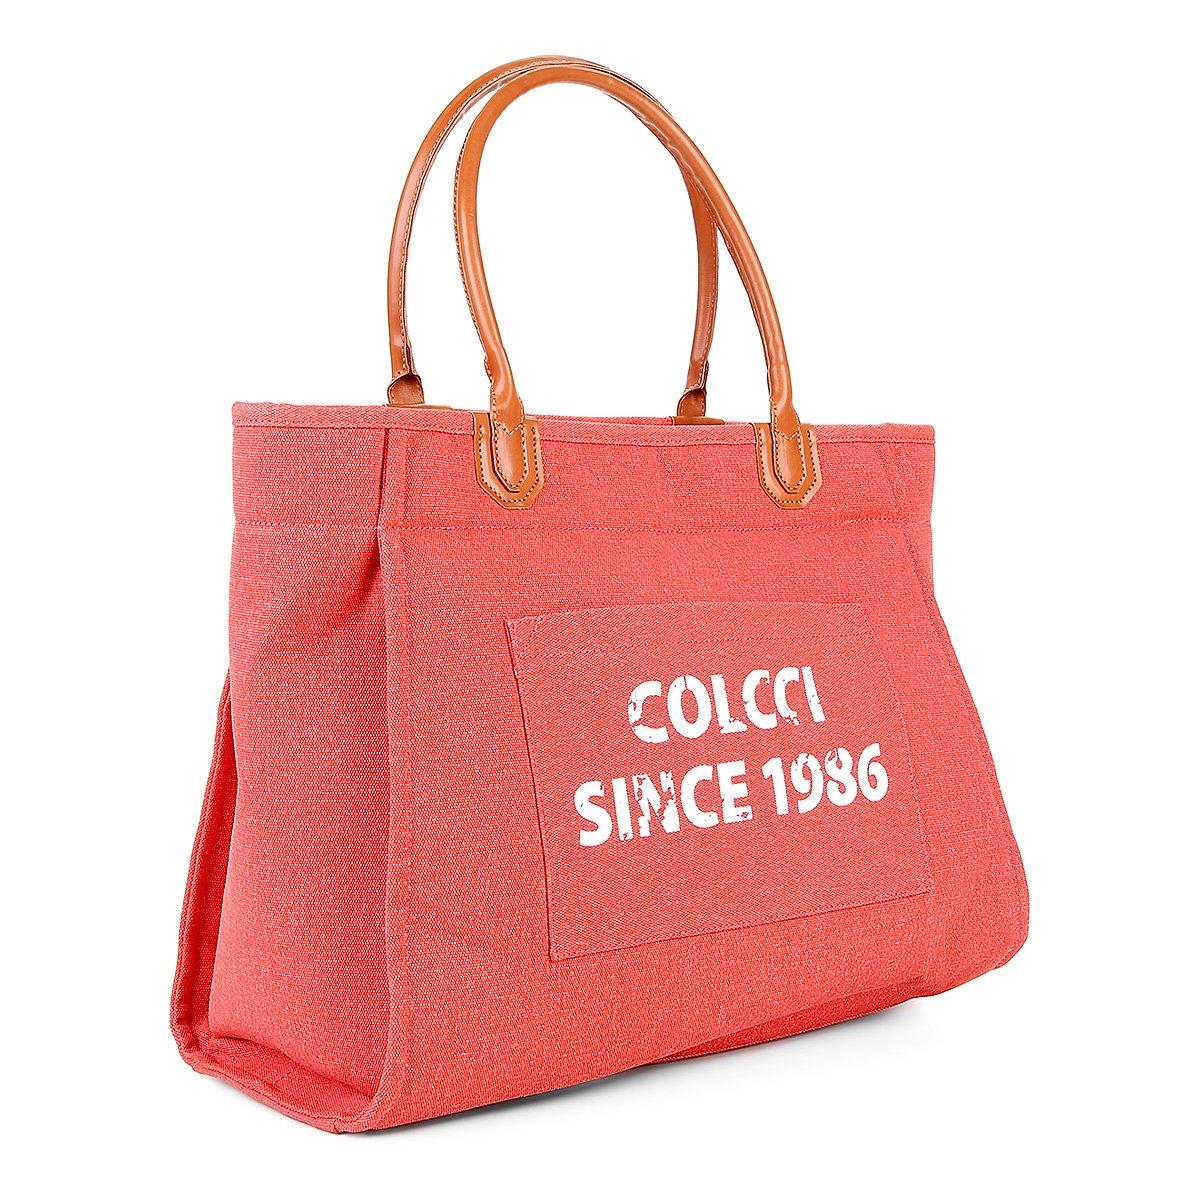 94e8f1473 Bolsa Shopping Bag Colcci Feminina | Livelo -Sua Vida com Mais Recompensas